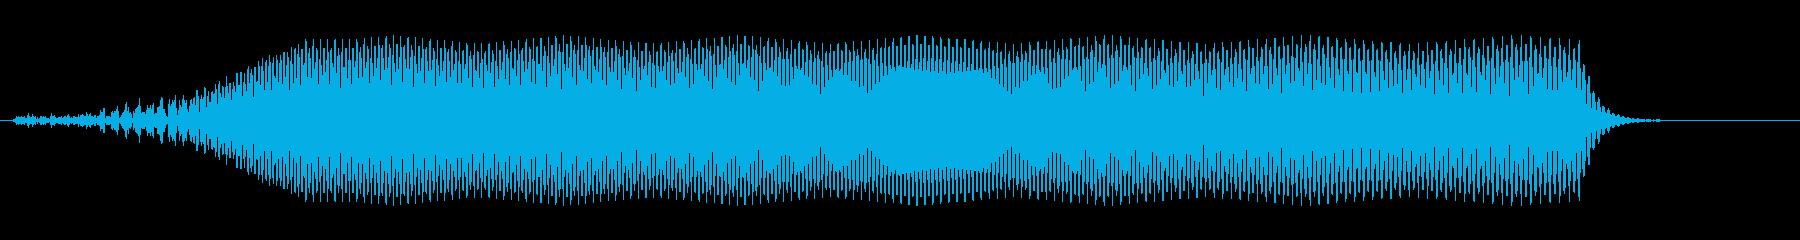 ブーゥ(やる気のない不満を表現)の再生済みの波形